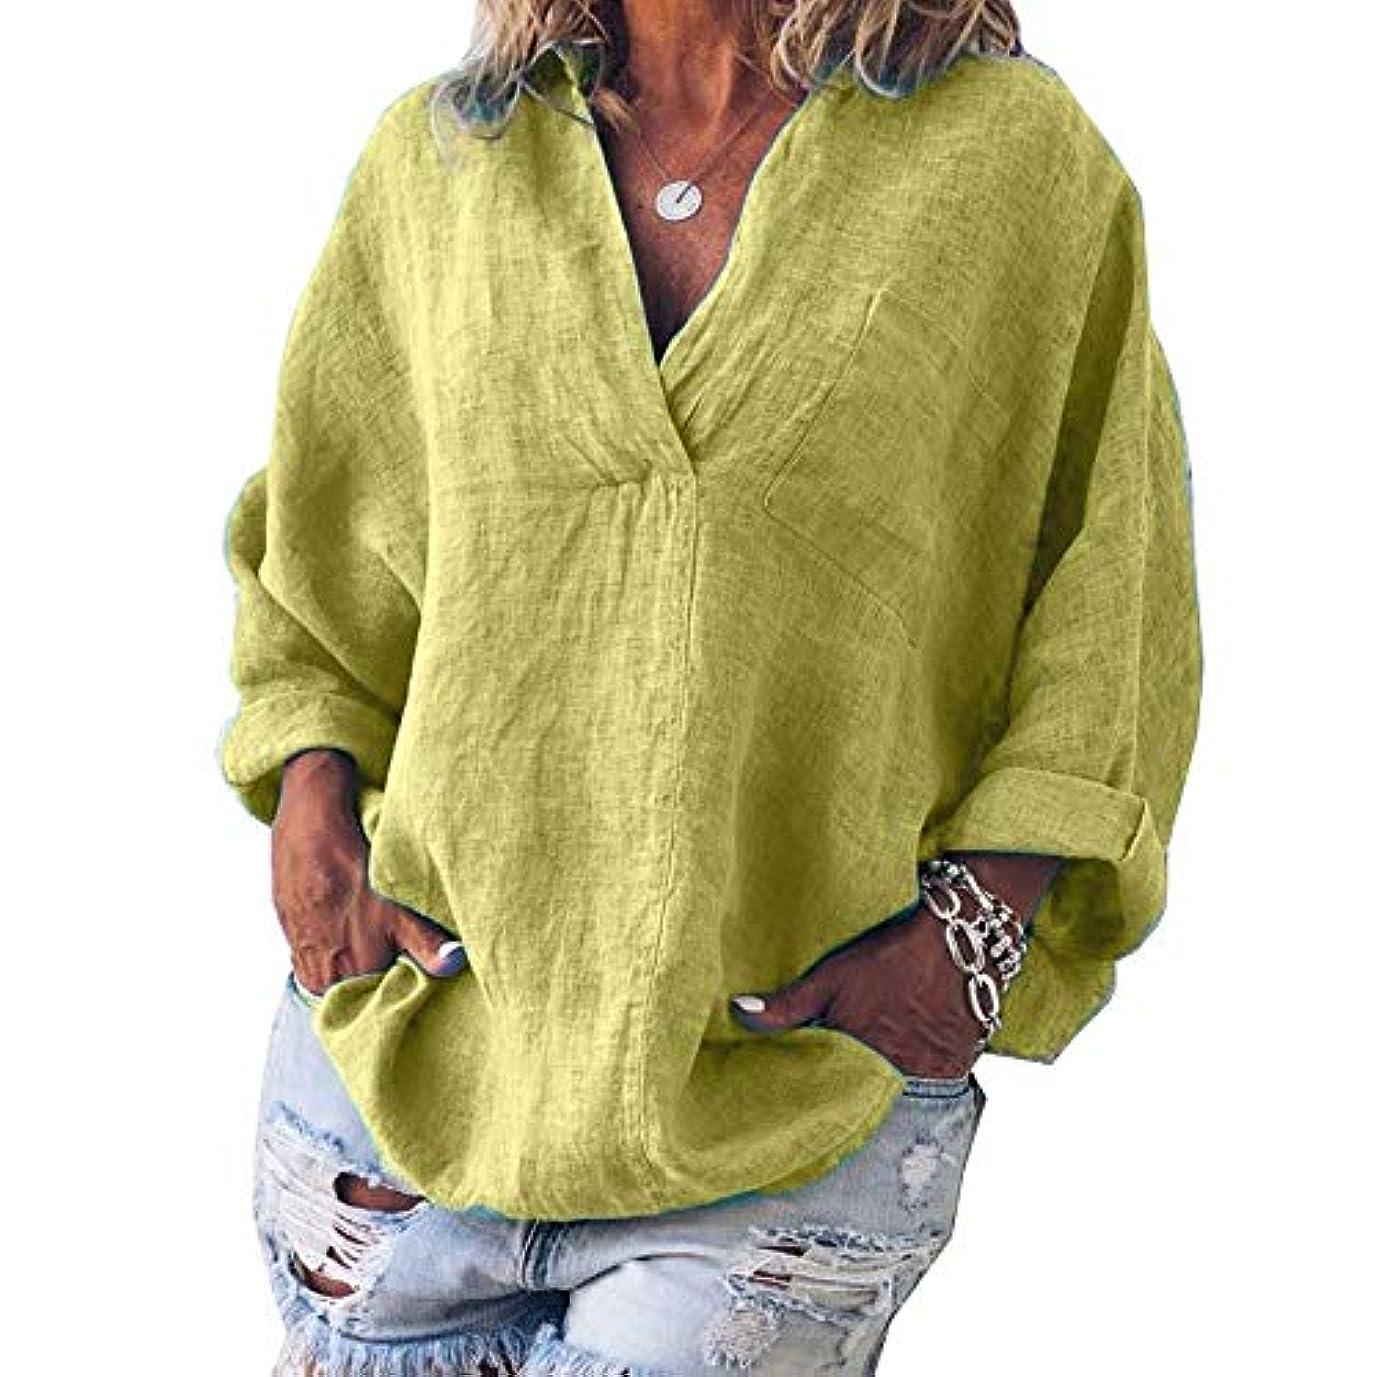 キリンくちばし安心MIFAN女性ファッション春夏チュニックトップス深いVネックTシャツ長袖プルオーバールーズリネンブラウス